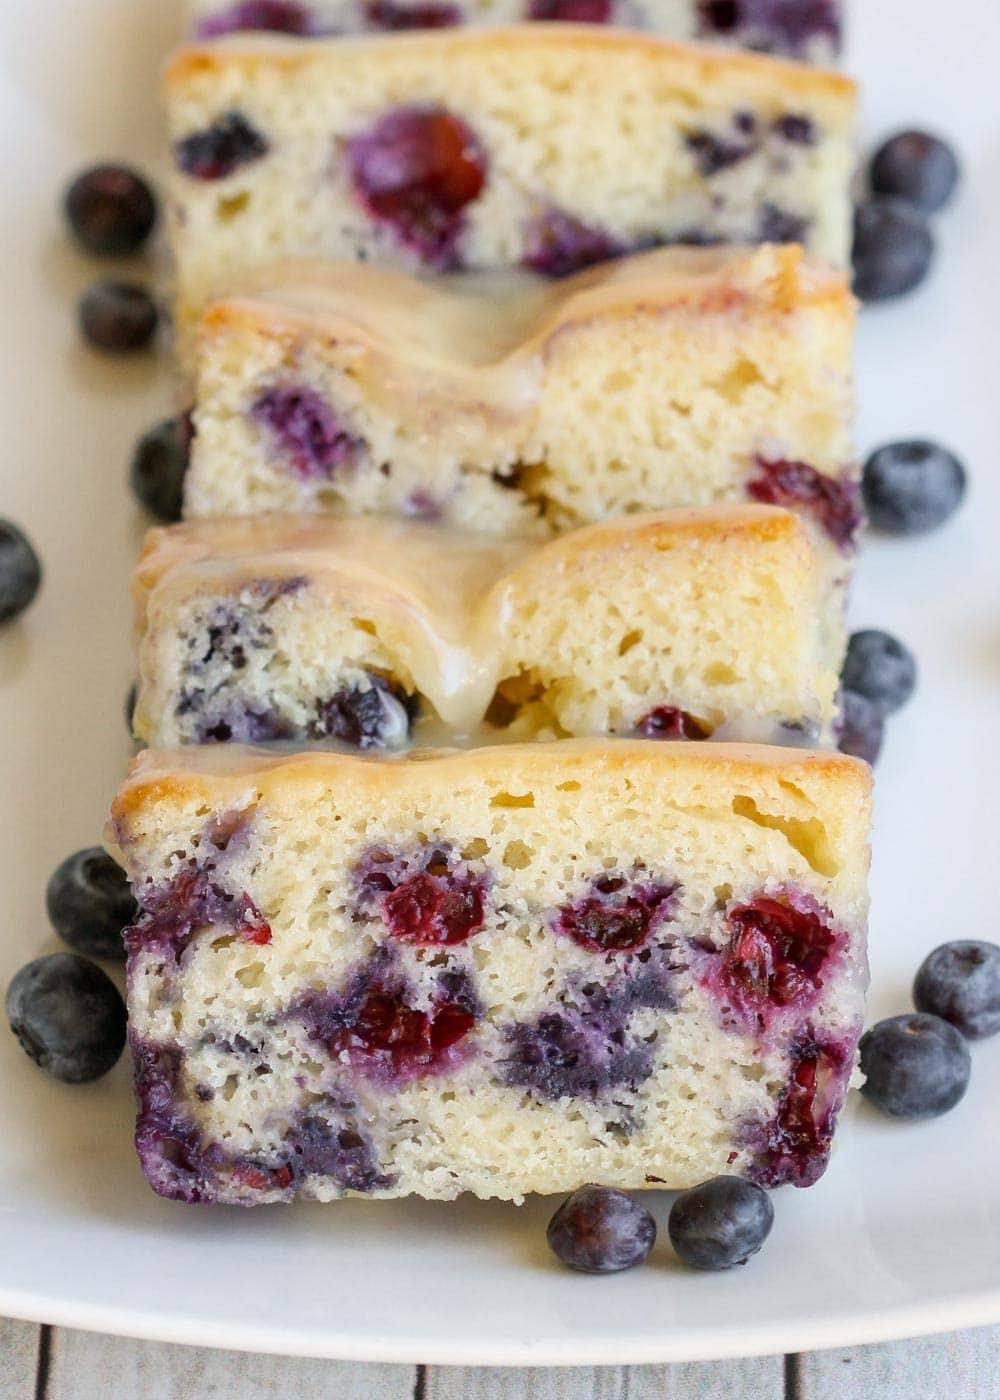 Blueberry quick bread recipe